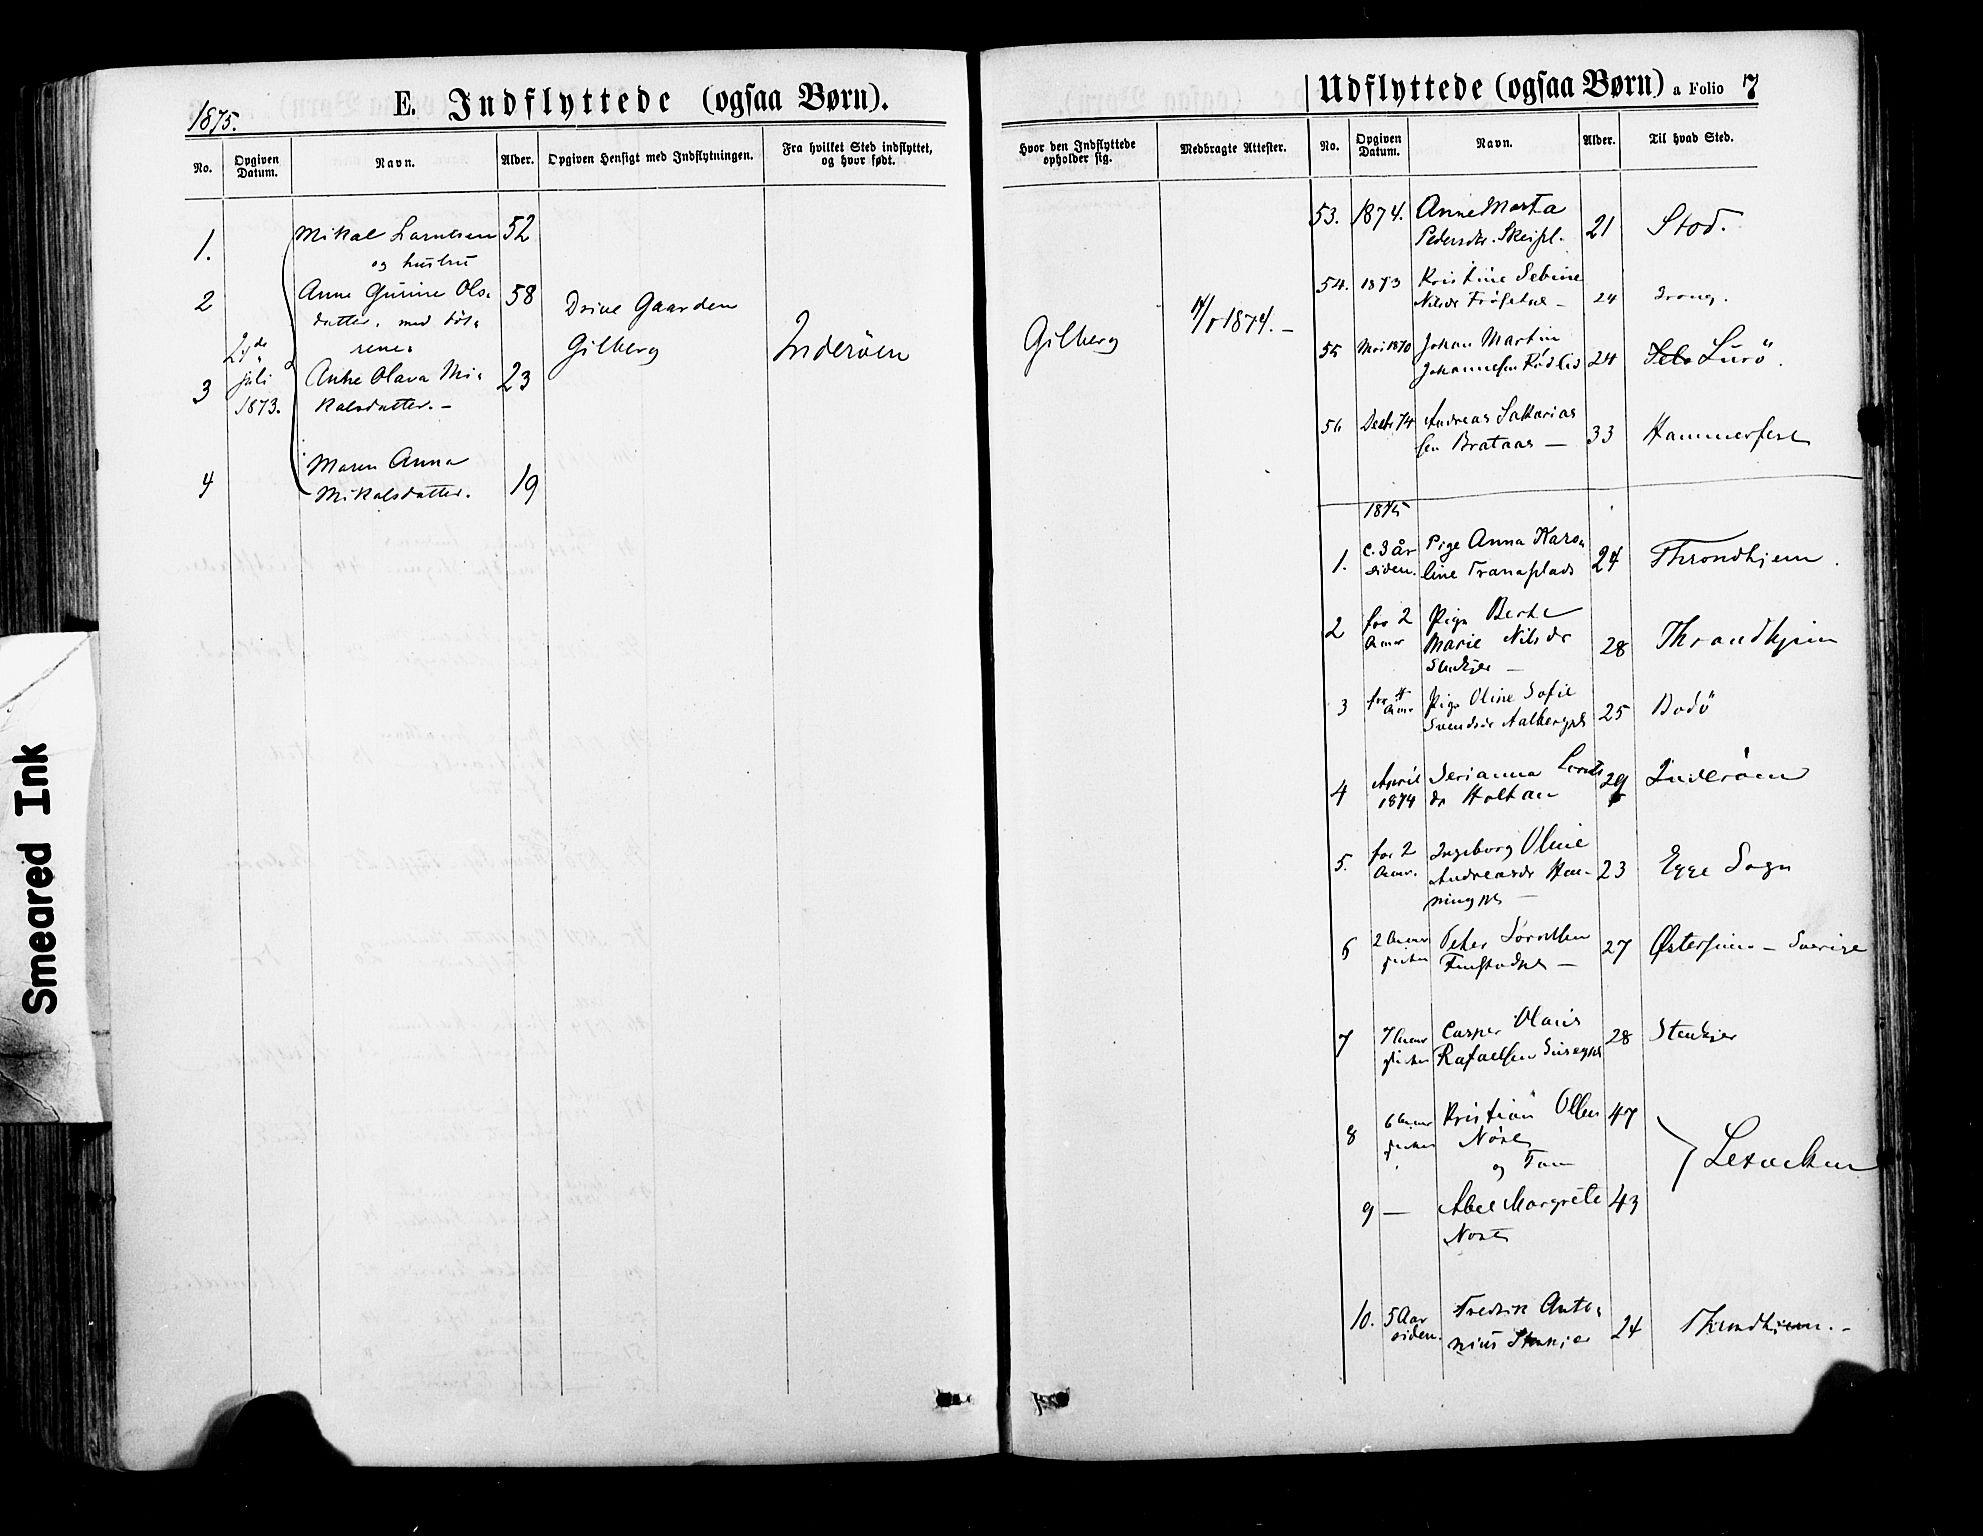 SAT, Ministerialprotokoller, klokkerbøker og fødselsregistre - Nord-Trøndelag, 735/L0348: Ministerialbok nr. 735A09 /1, 1873-1883, s. 7